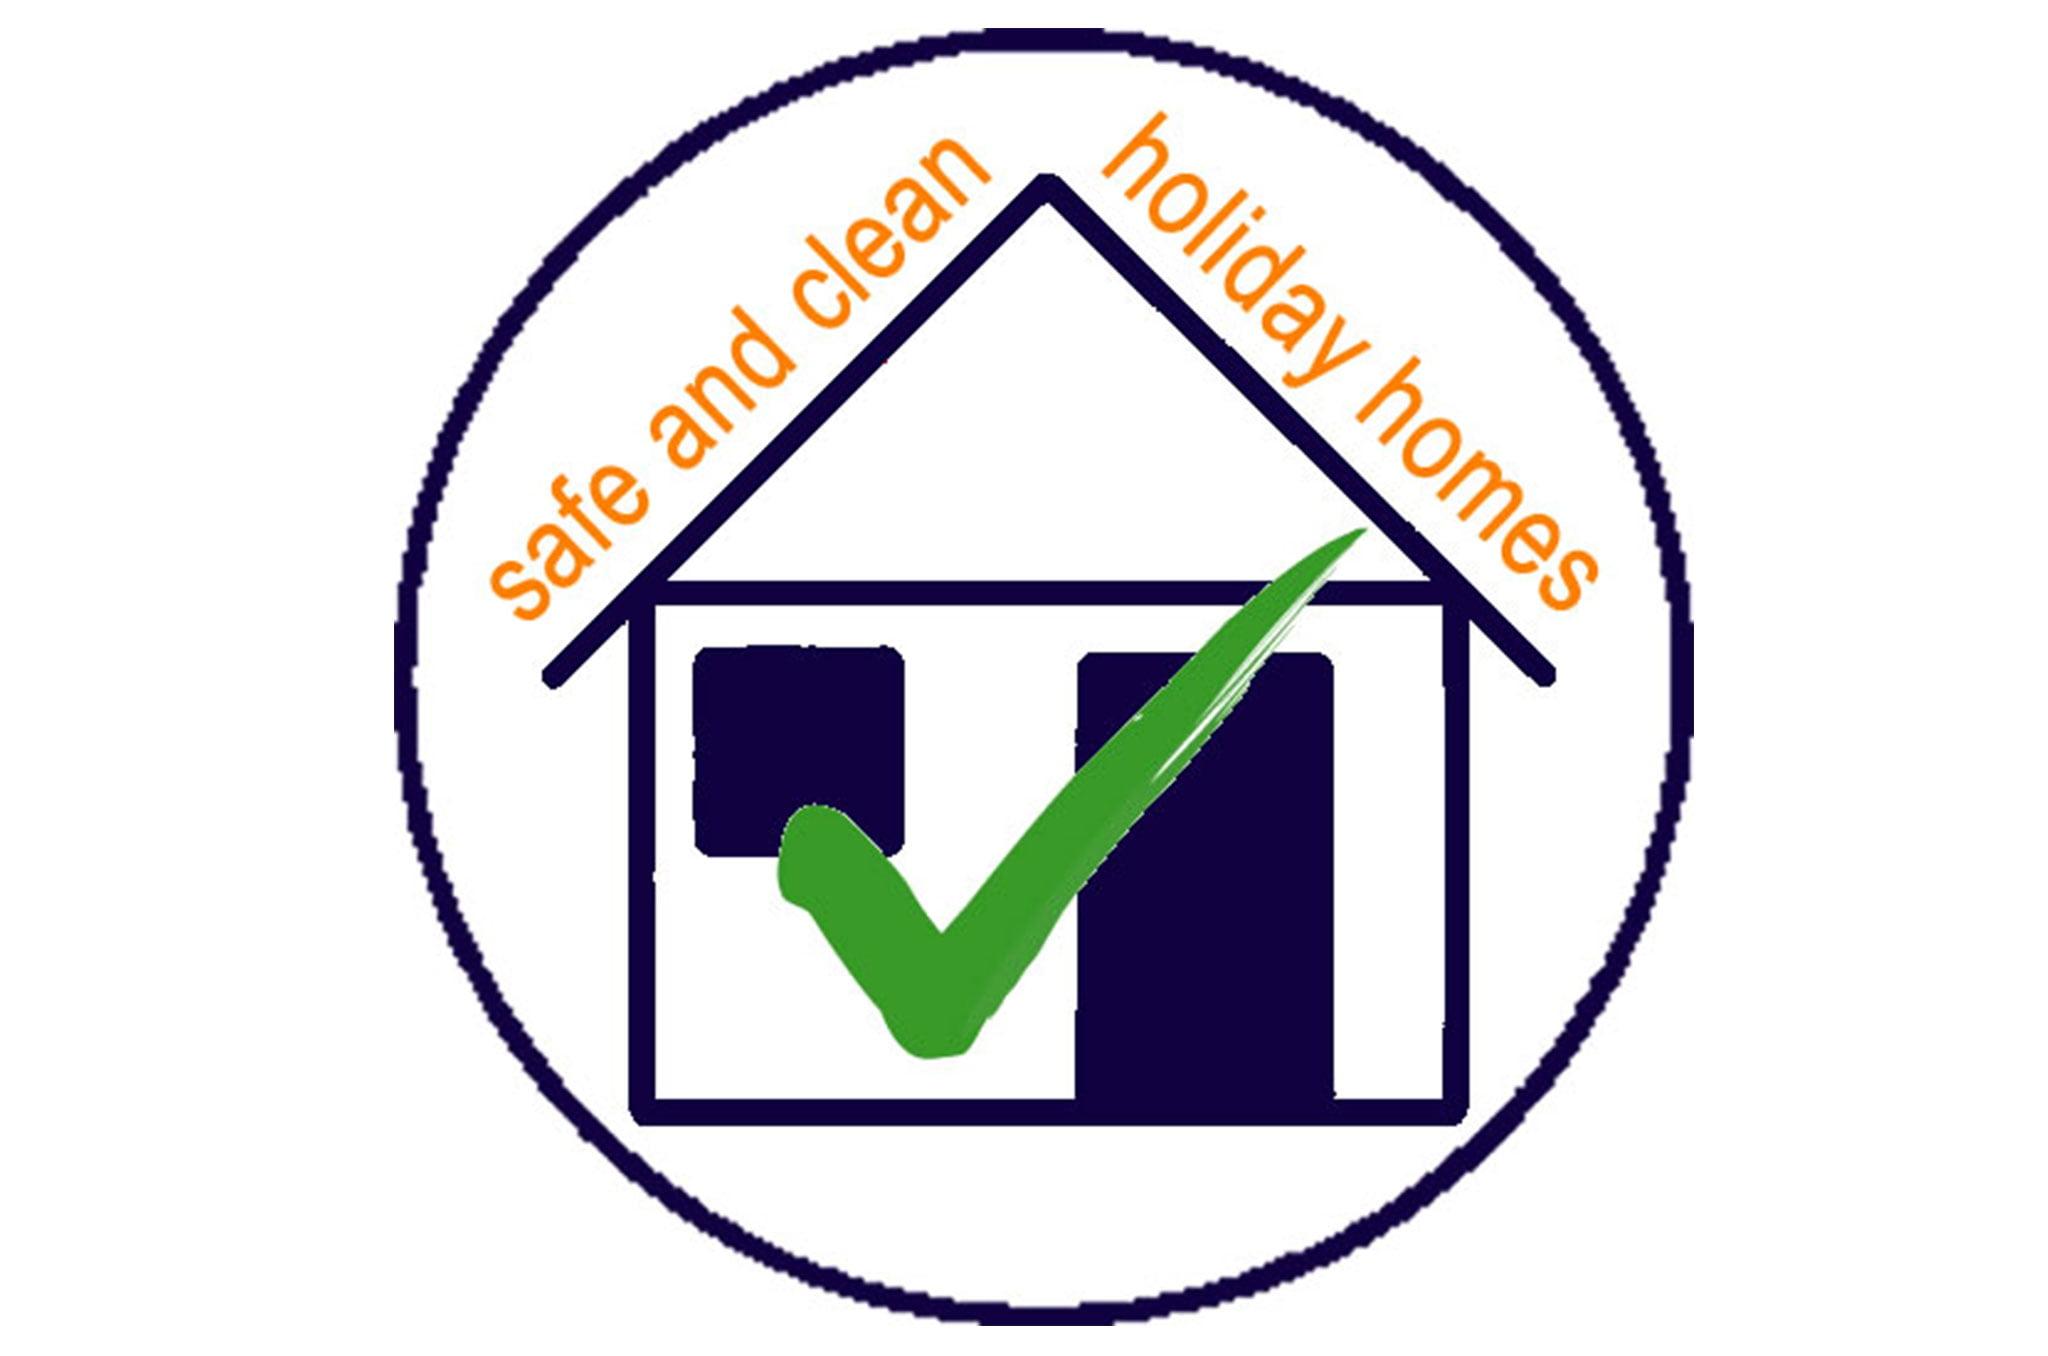 Logotipo de garantía Safe and Clean – Quality Rent a Villa